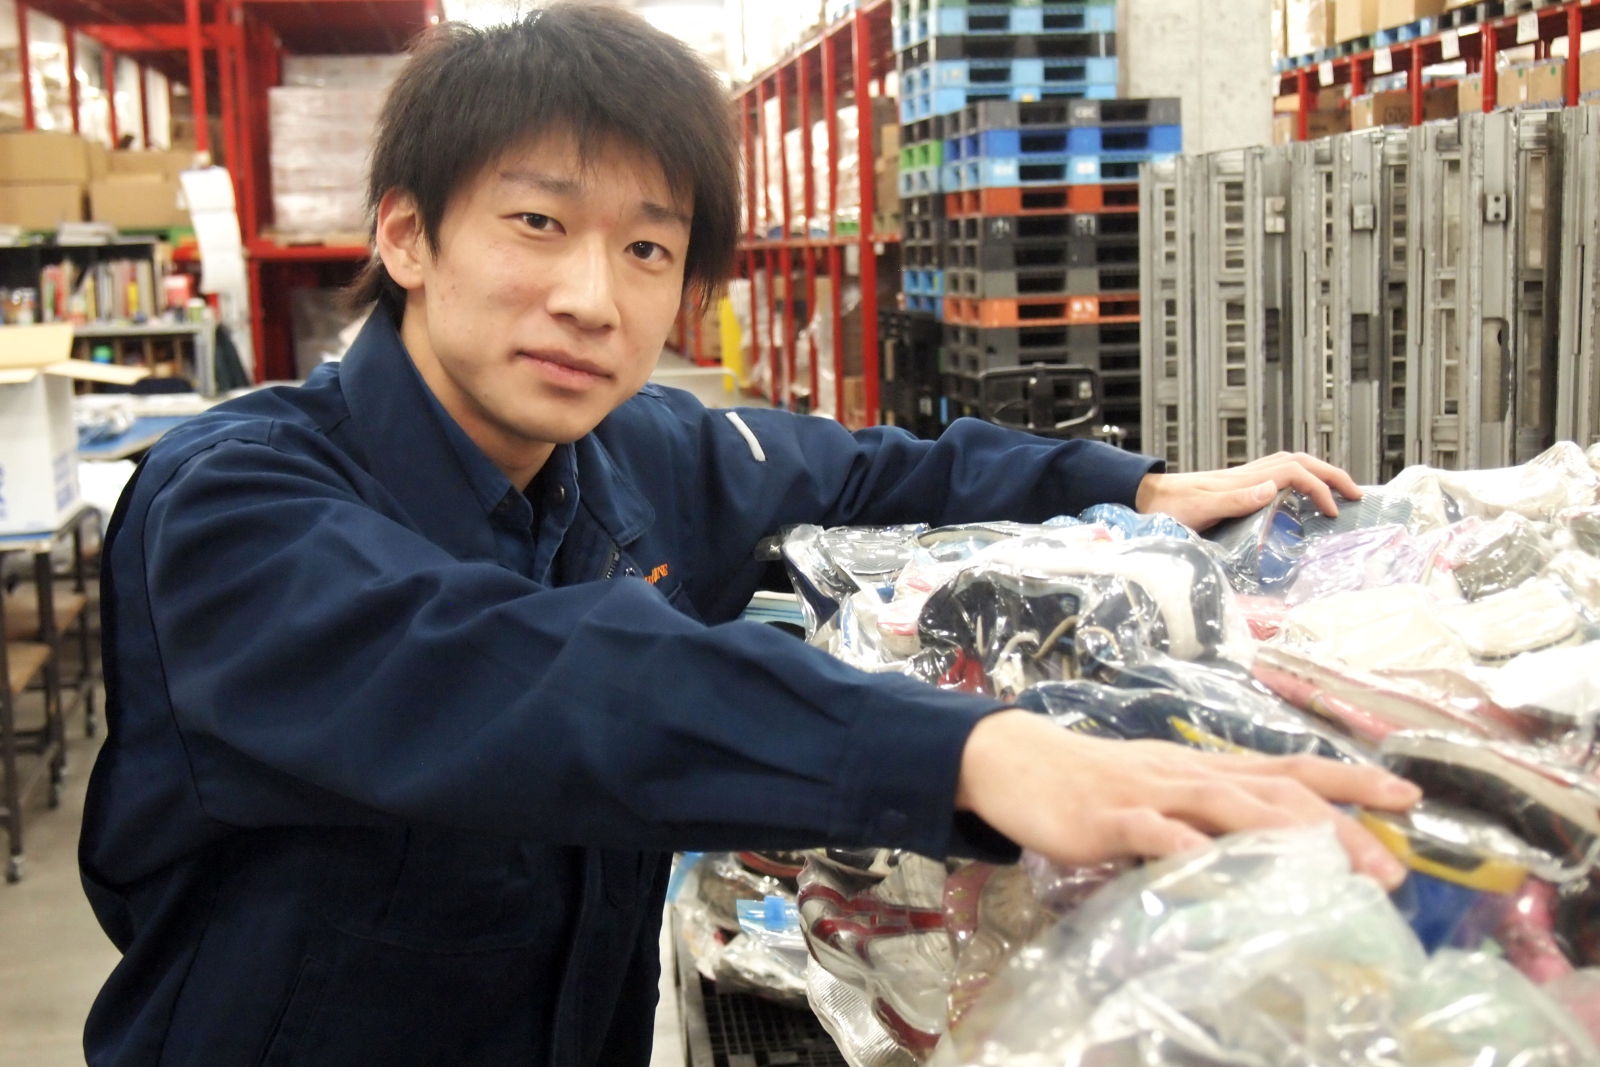 倉庫作業をしてくれている『フジライン』社員の須崎洋光さん。